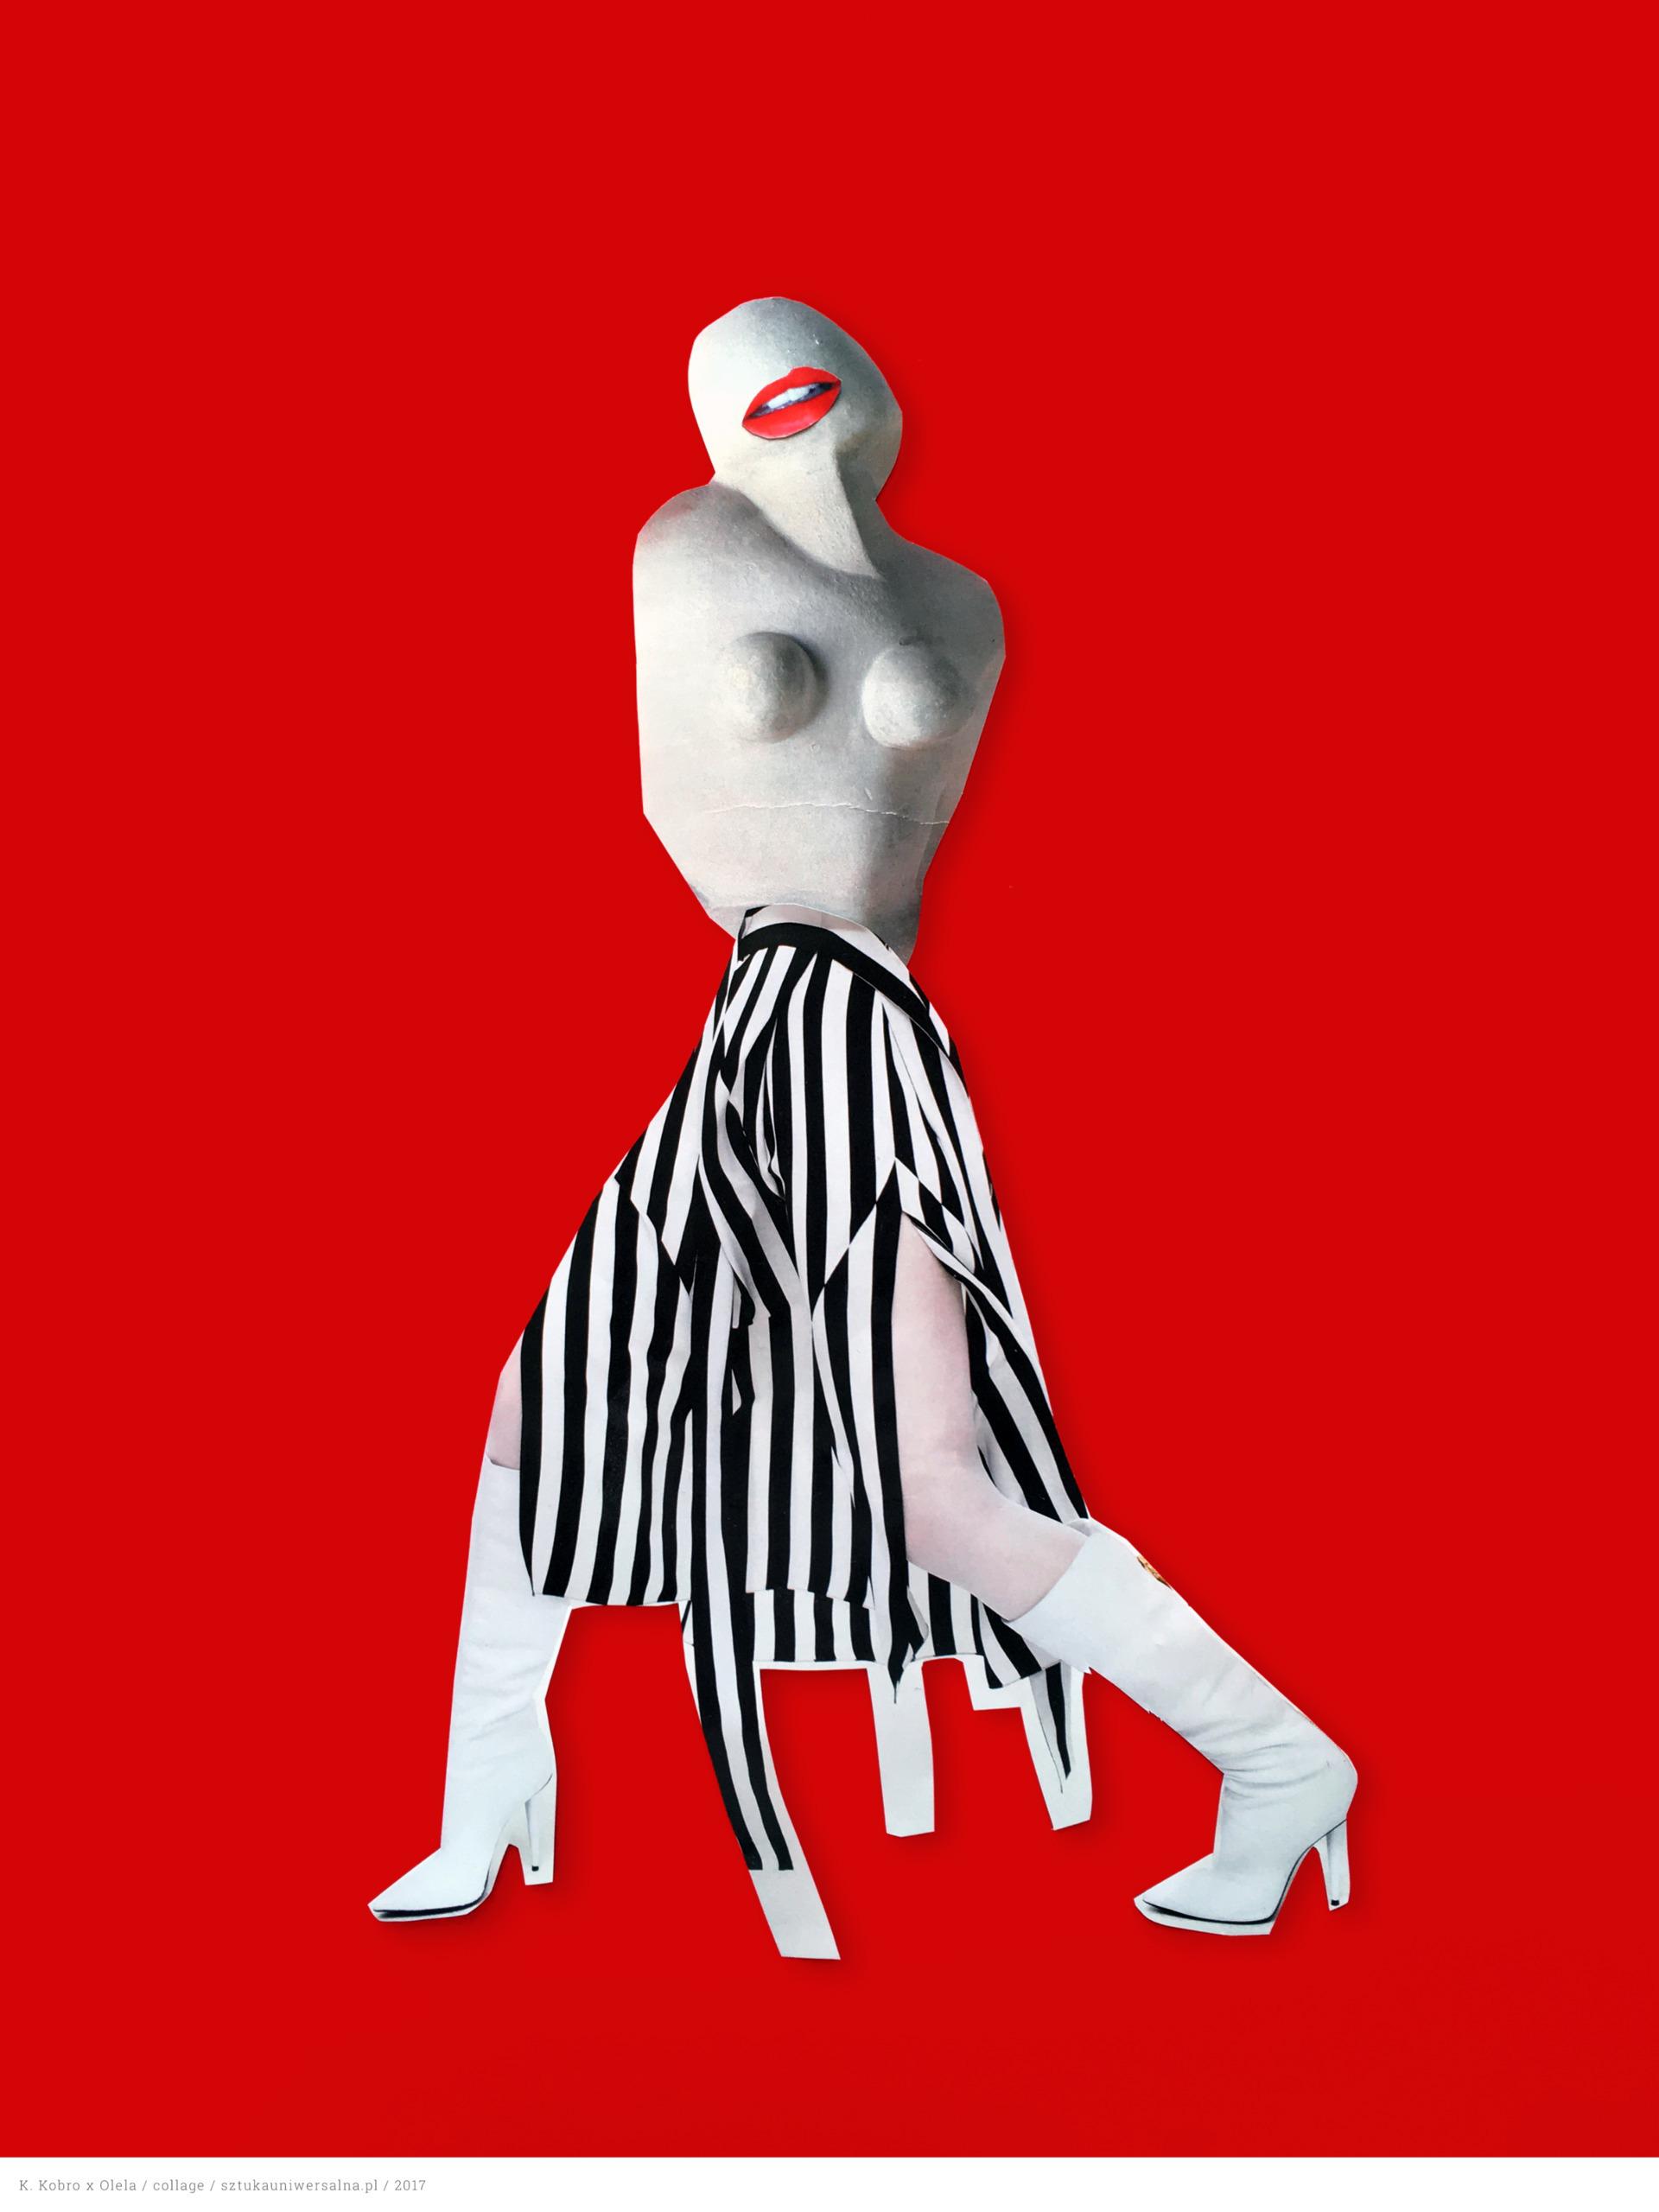 Zdjęcie przedstawia papierowy kolaż na czerwonym tle, gdzie widnieje postać idącej kobiety, której tułów to rzeźba. Kobieta ma czerwone usta, spódnicę w czarno-białe pionowe pasy i białe kozaki.